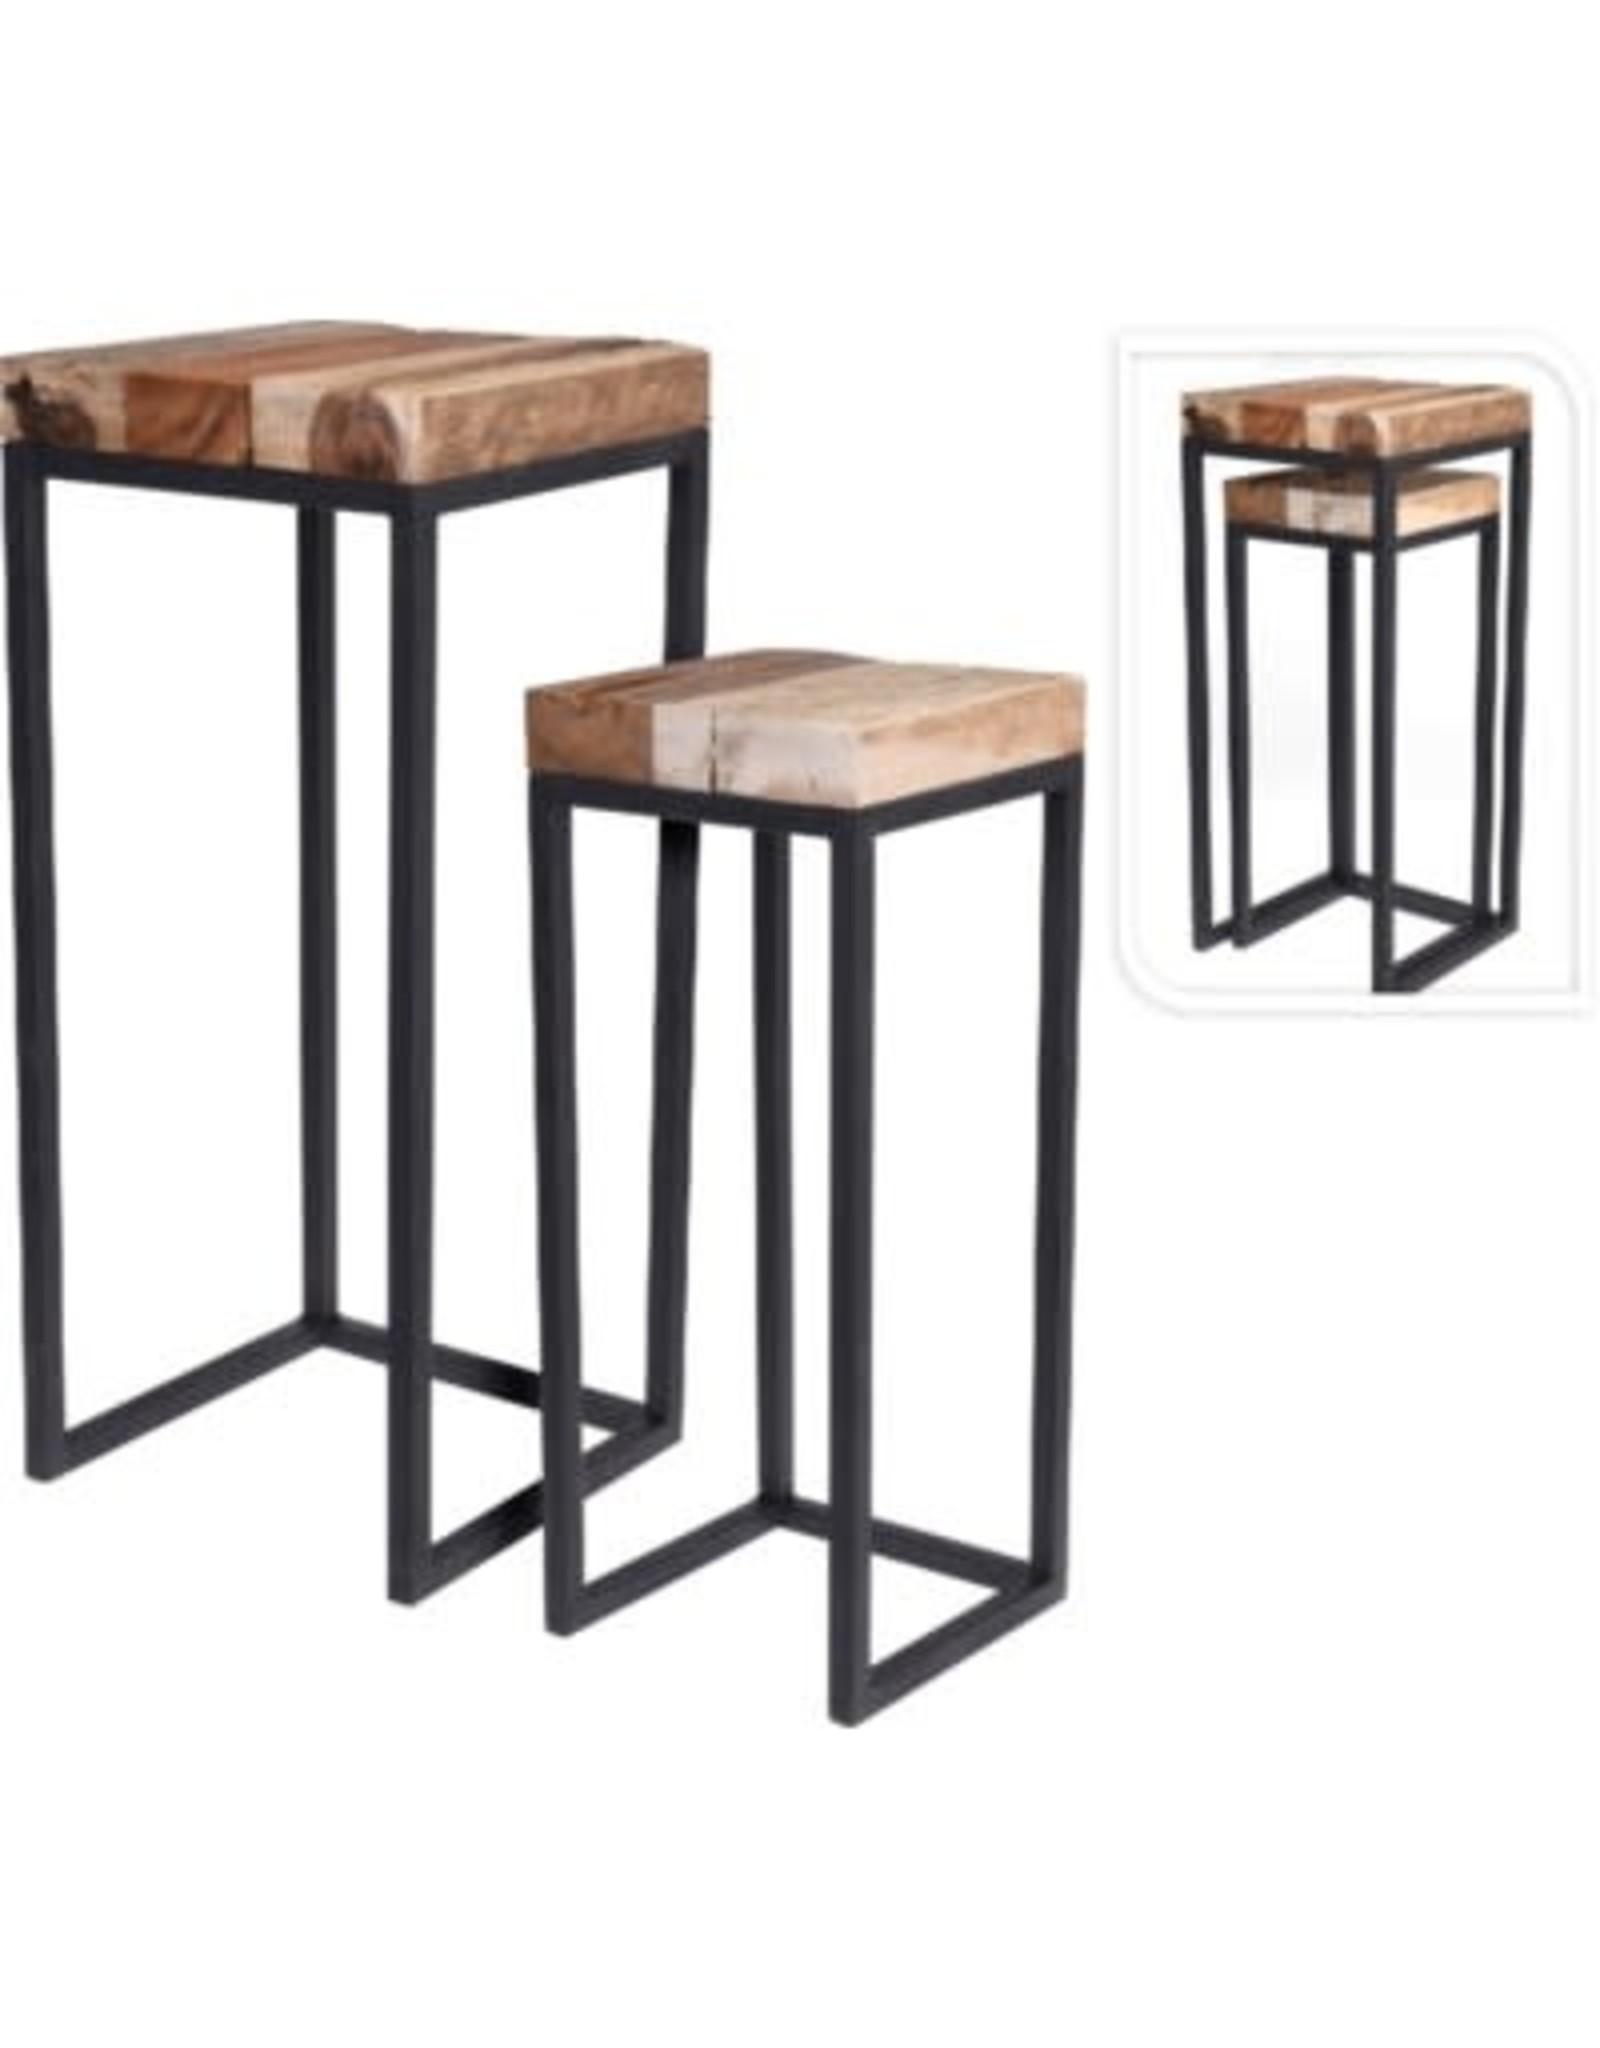 Tables d'appoint en bois (teak)